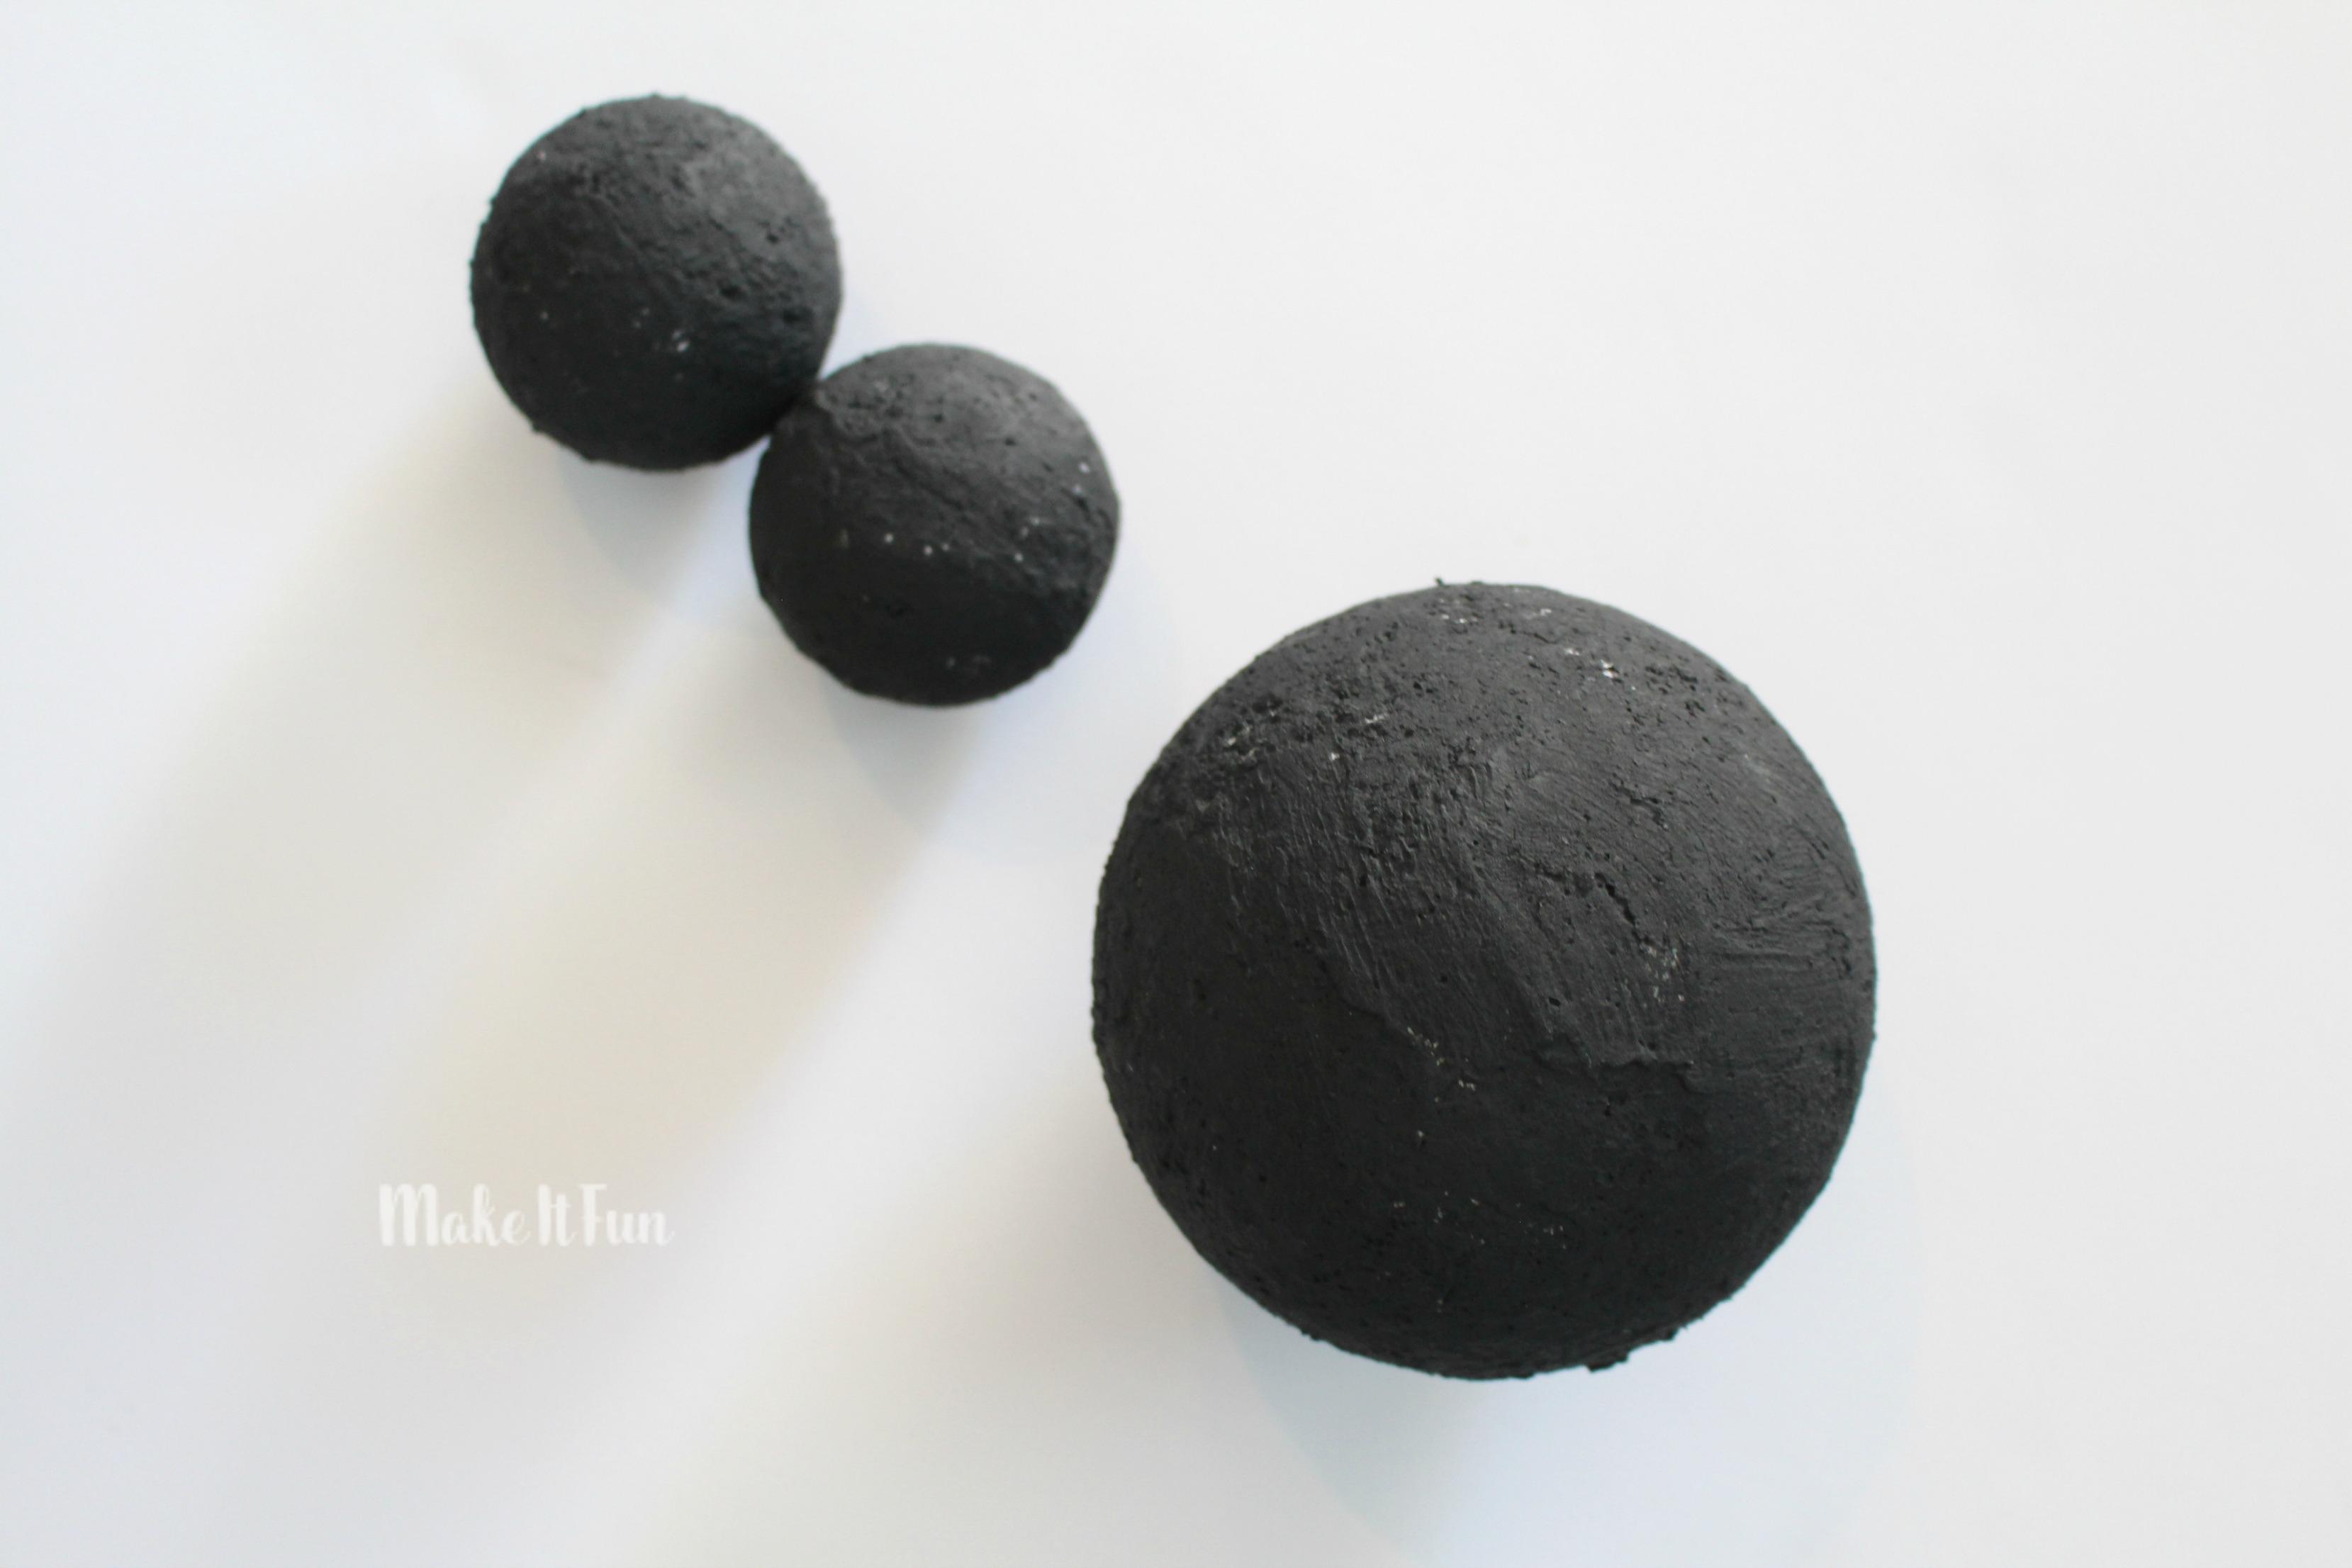 make-it-fun-balls